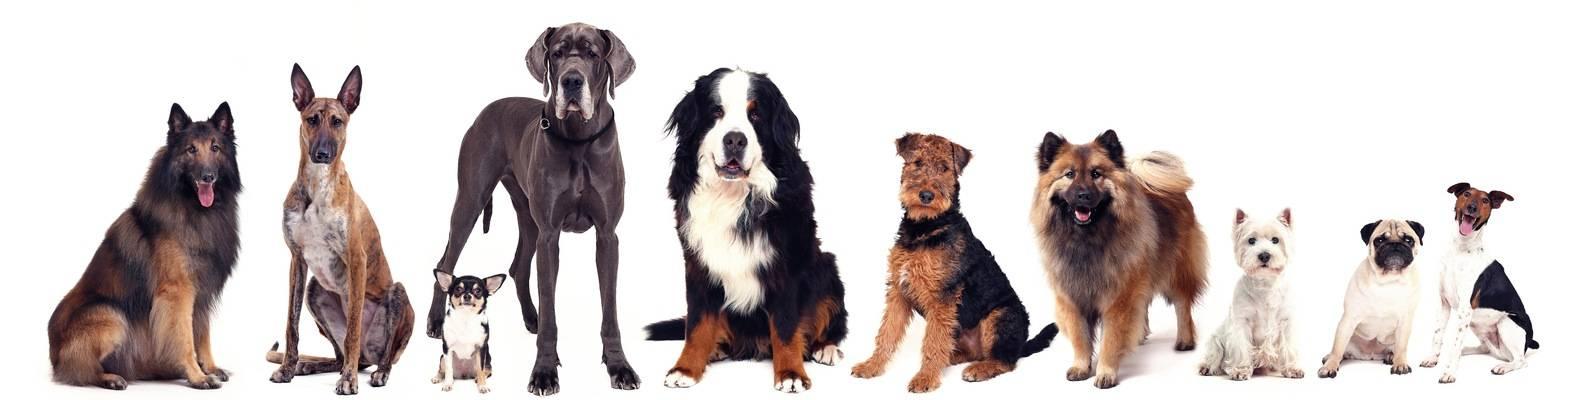 Топ 7 лучших пород собак для начинающих собаководов